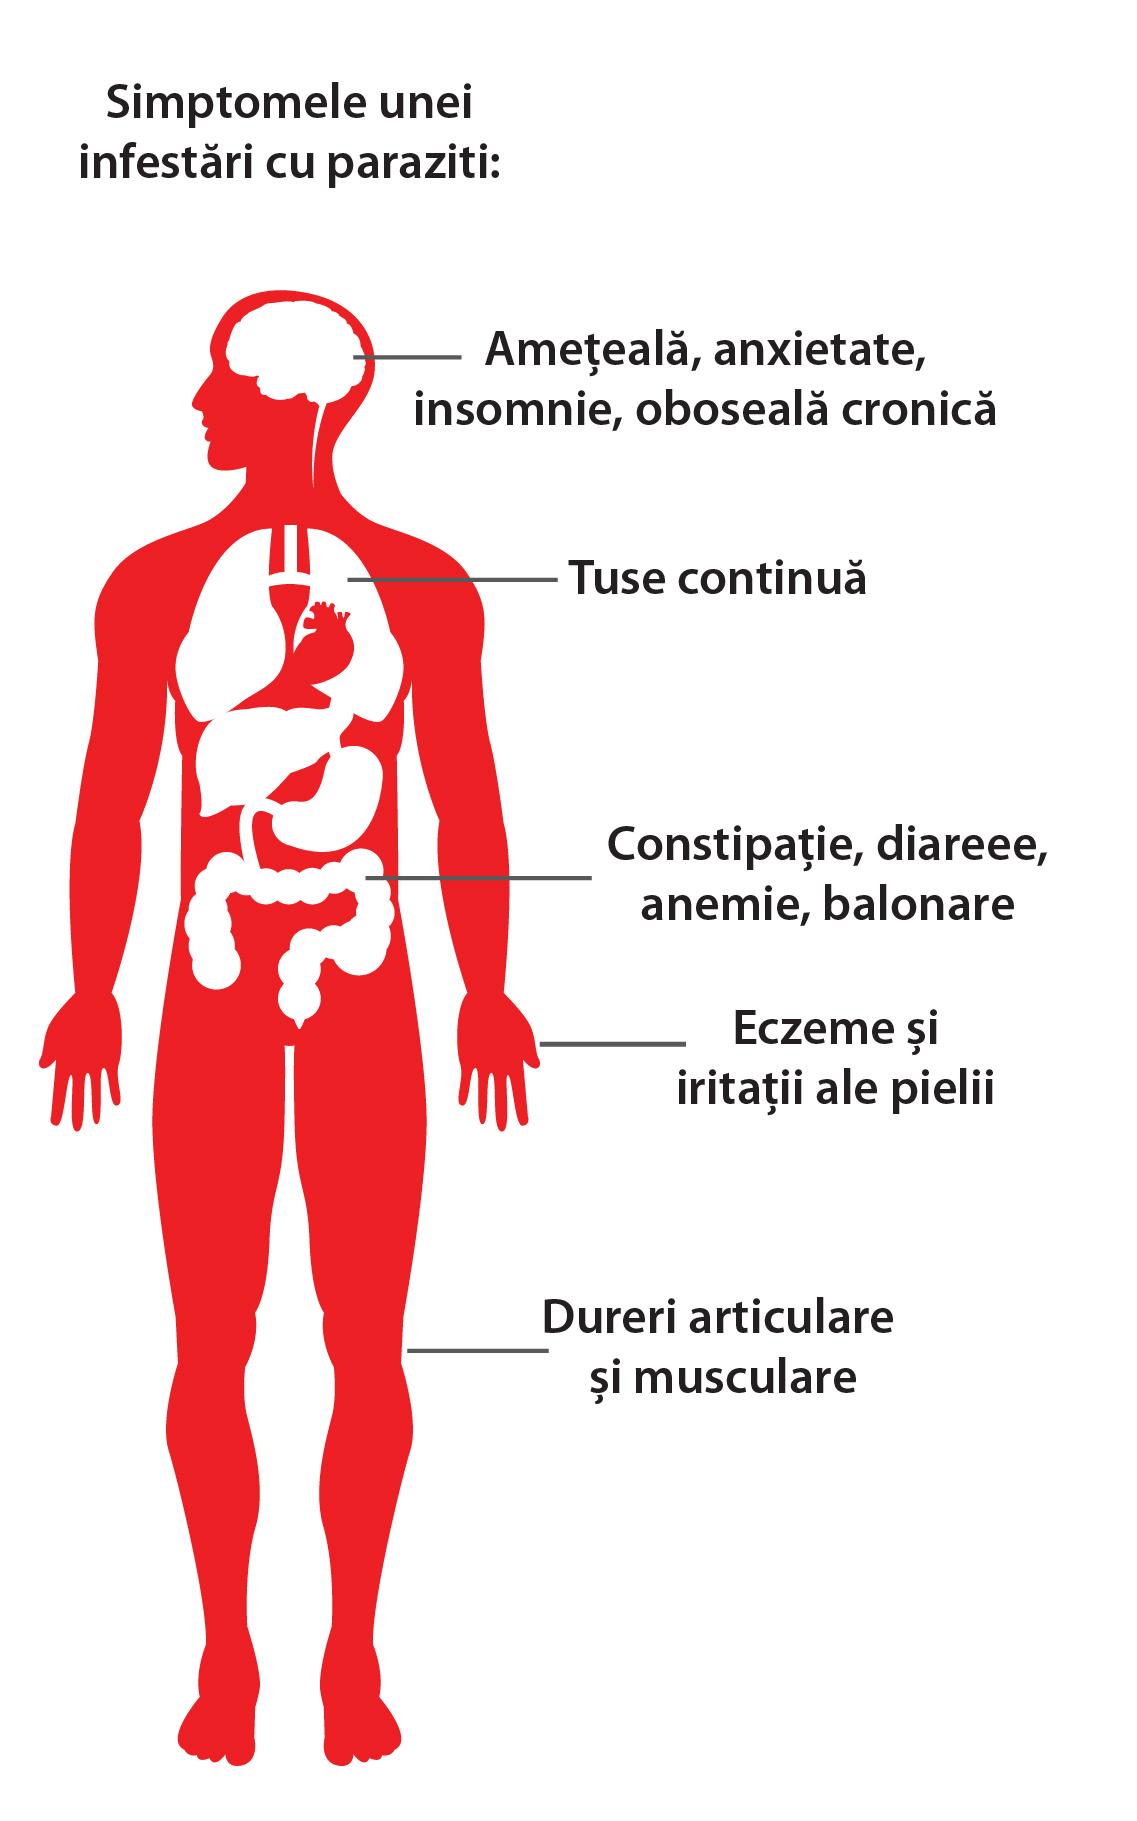 simptome ale infecției cu helmint la om)